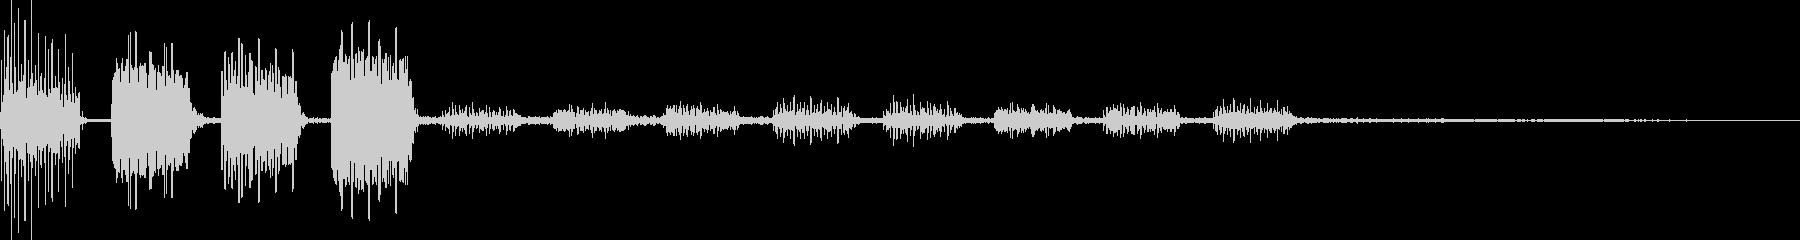 テロリラ(決定、アイテム、場面転換)の未再生の波形